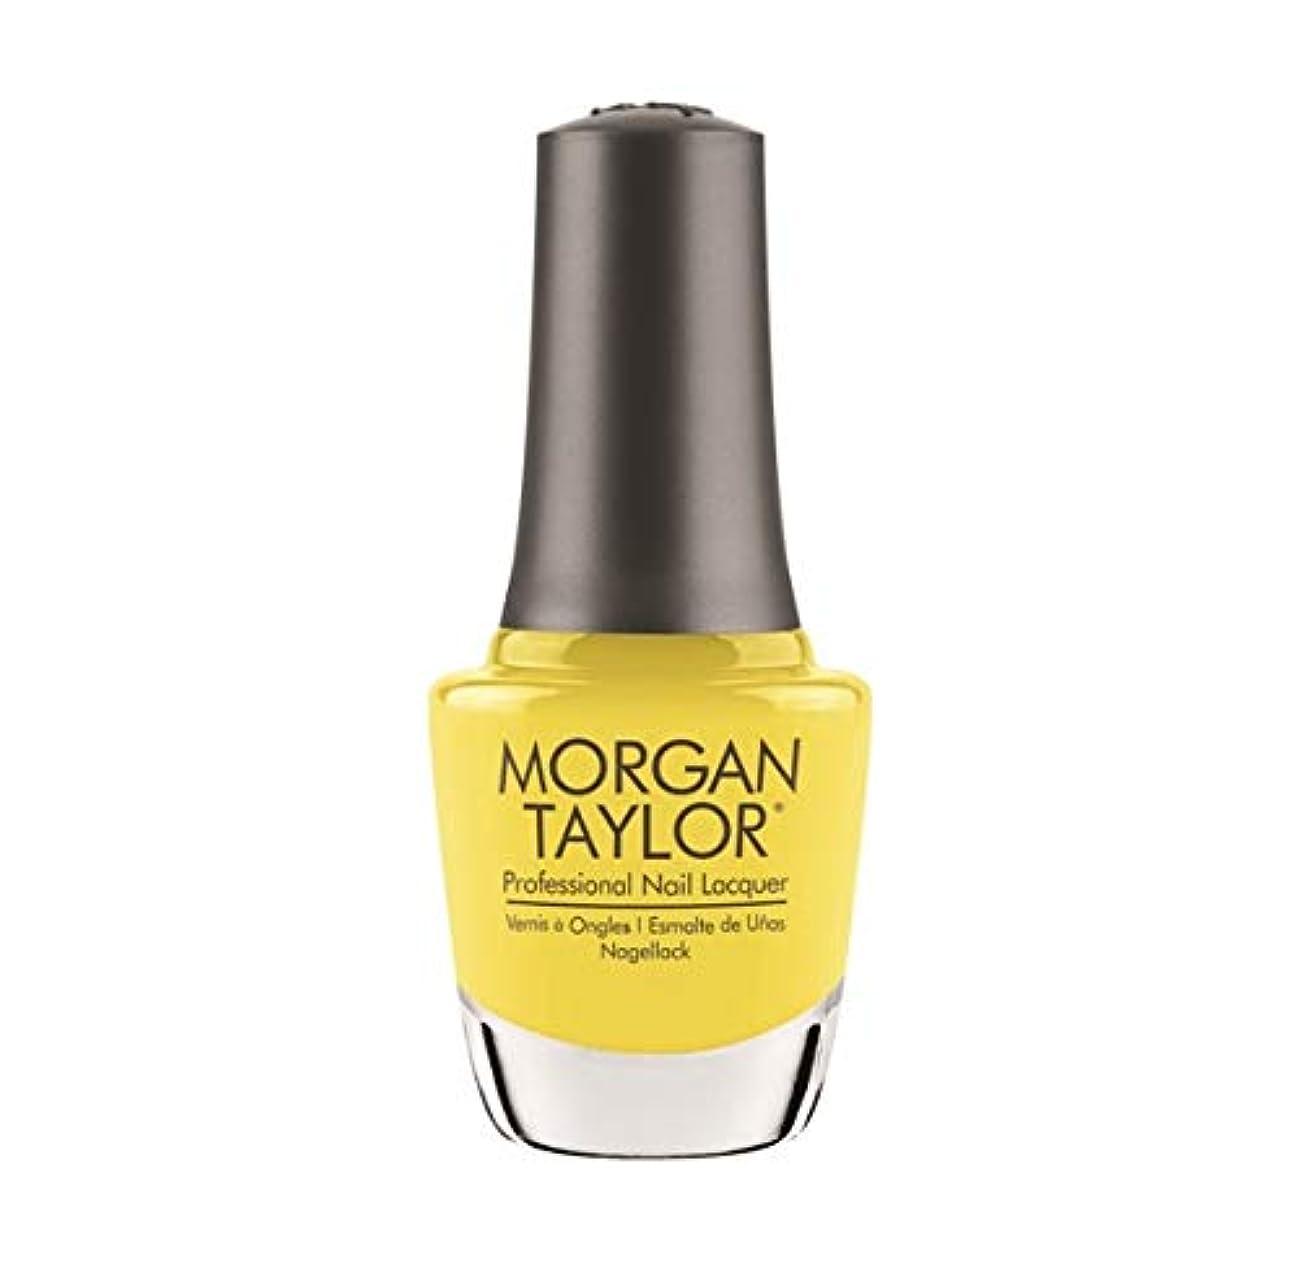 払い戻しではごきげんよう暗殺Morgan Taylor Nail Lacquer - Rocketman Collection - Glow Like A Star - 15ml / 0.5oz